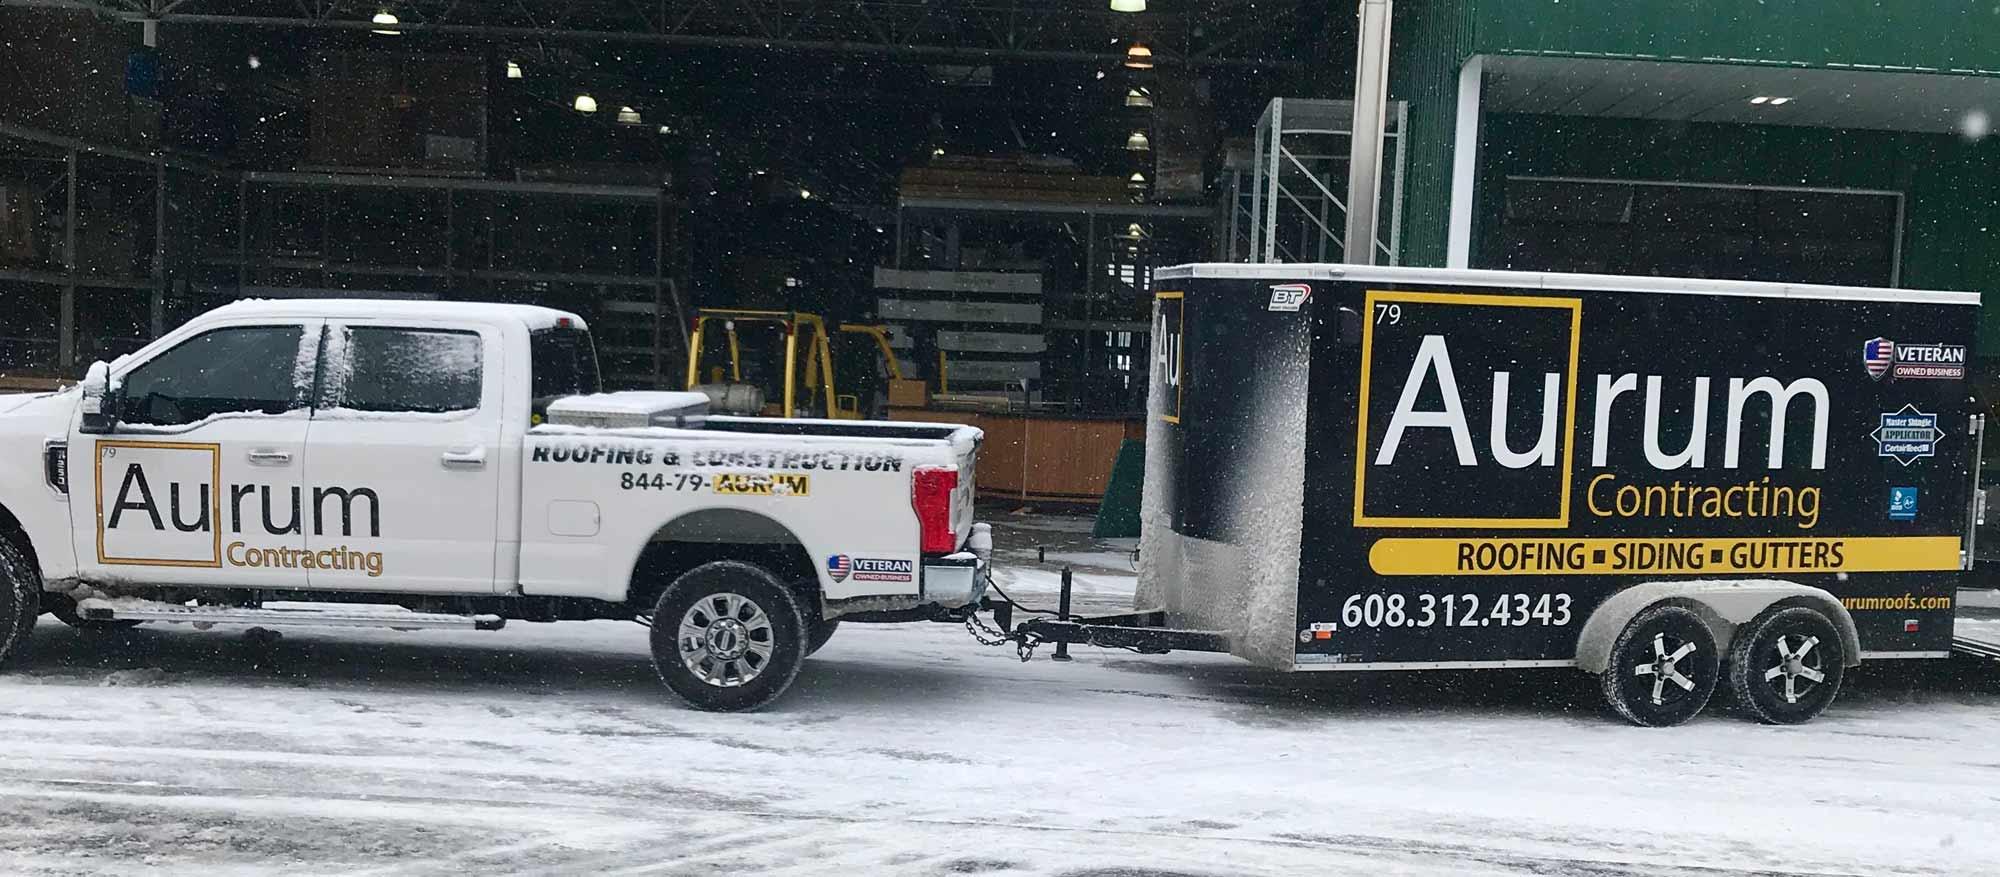 Aurum Contracting Truck